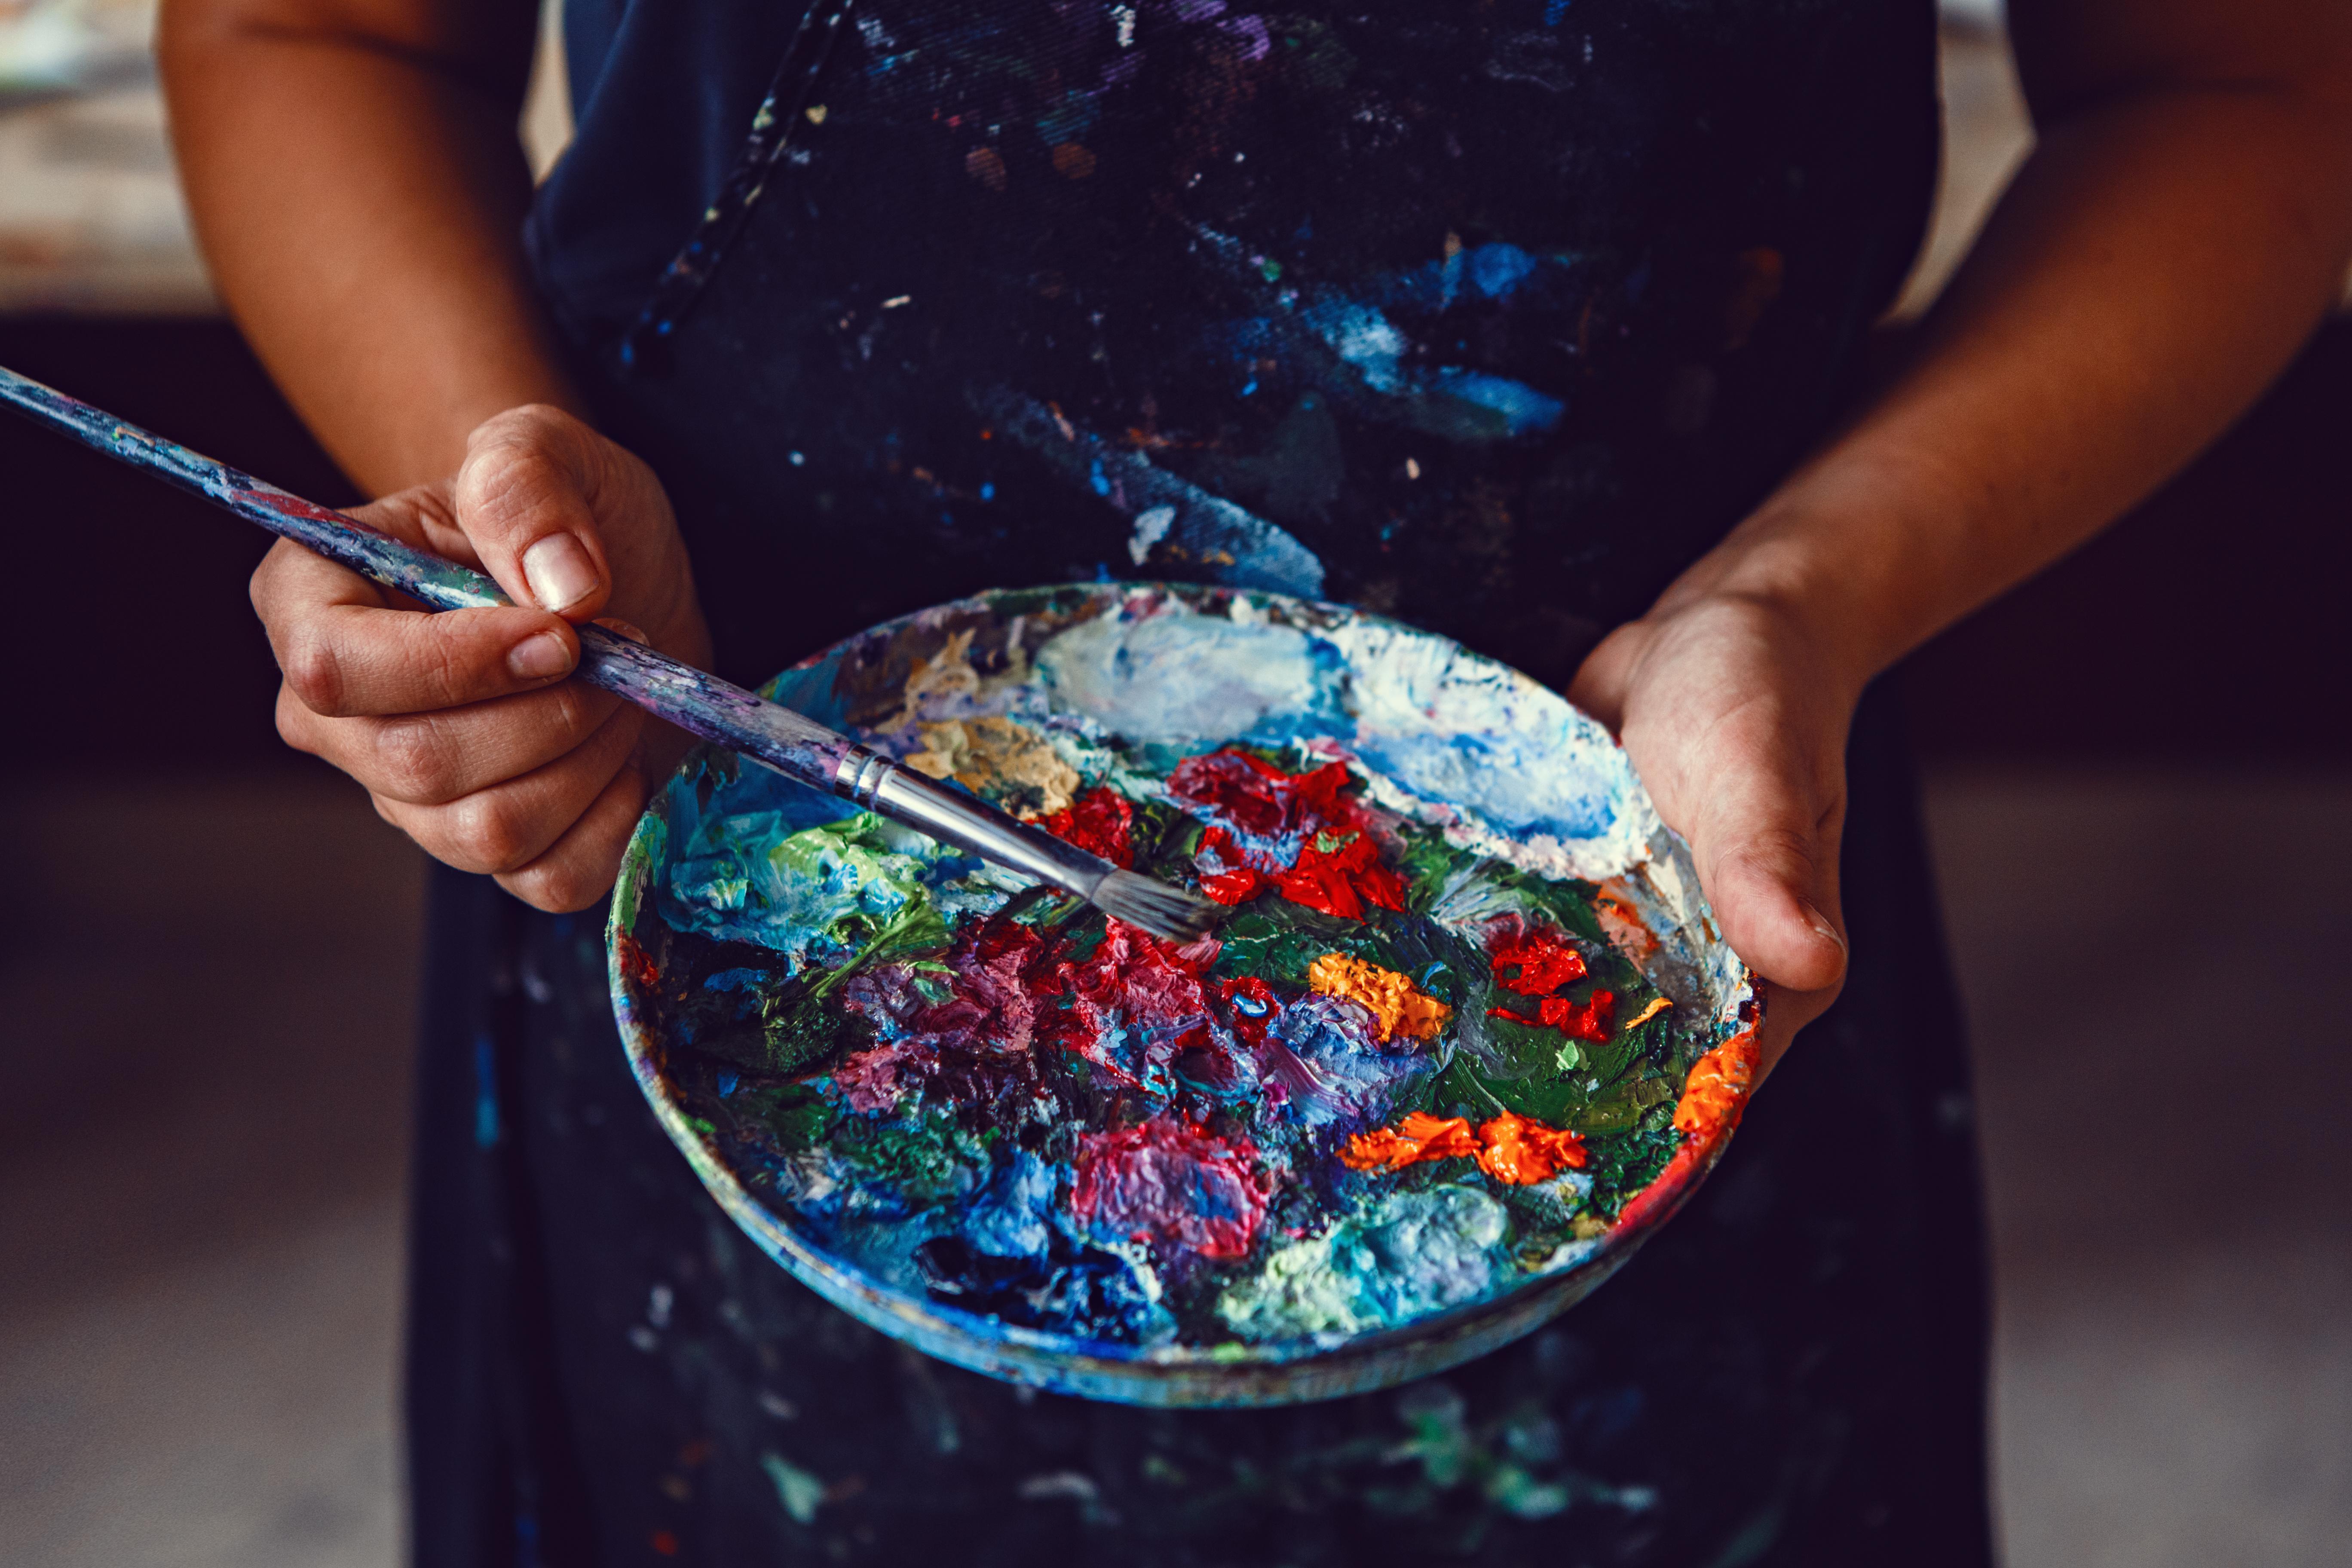 Εργαστήριο Ζωγραφικής | Για Ενήλικες (Β΄ κύκλος)